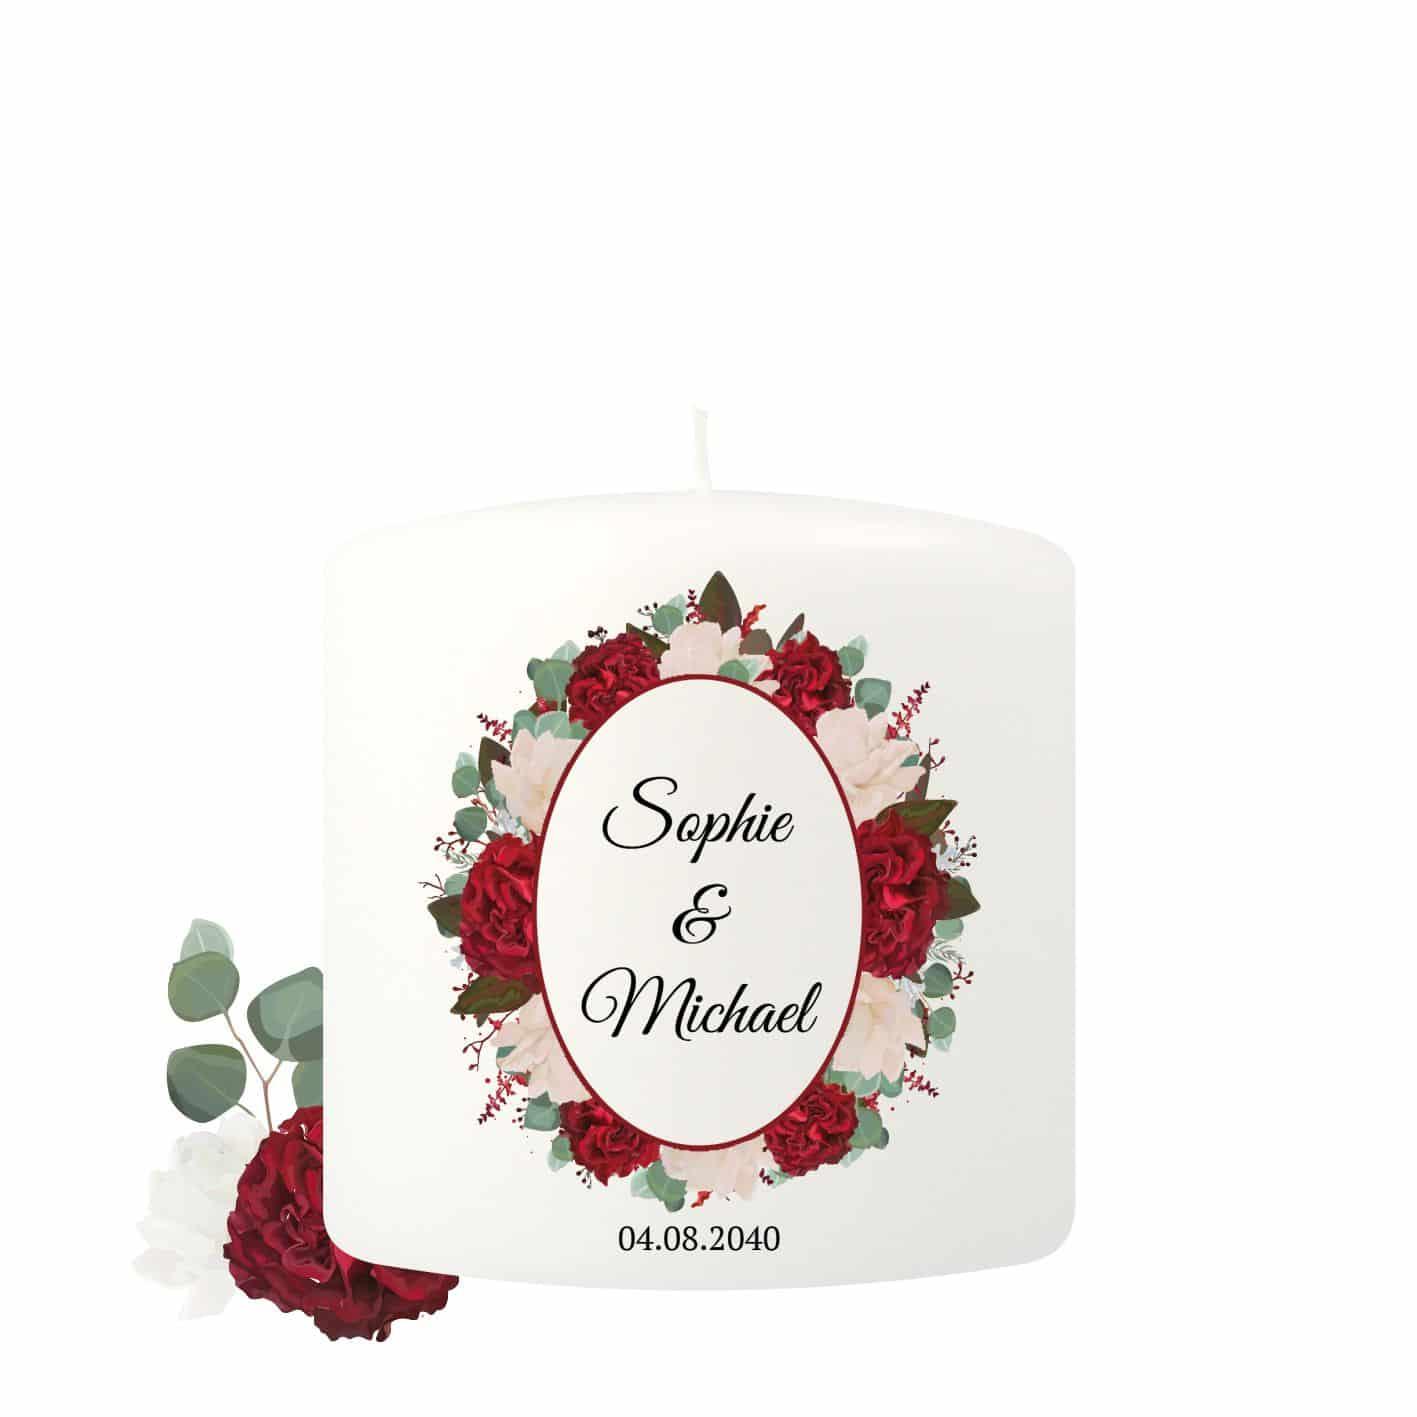 Kleine Hochzeitskerze individualisierbar dekoriert mit vielen Rosen